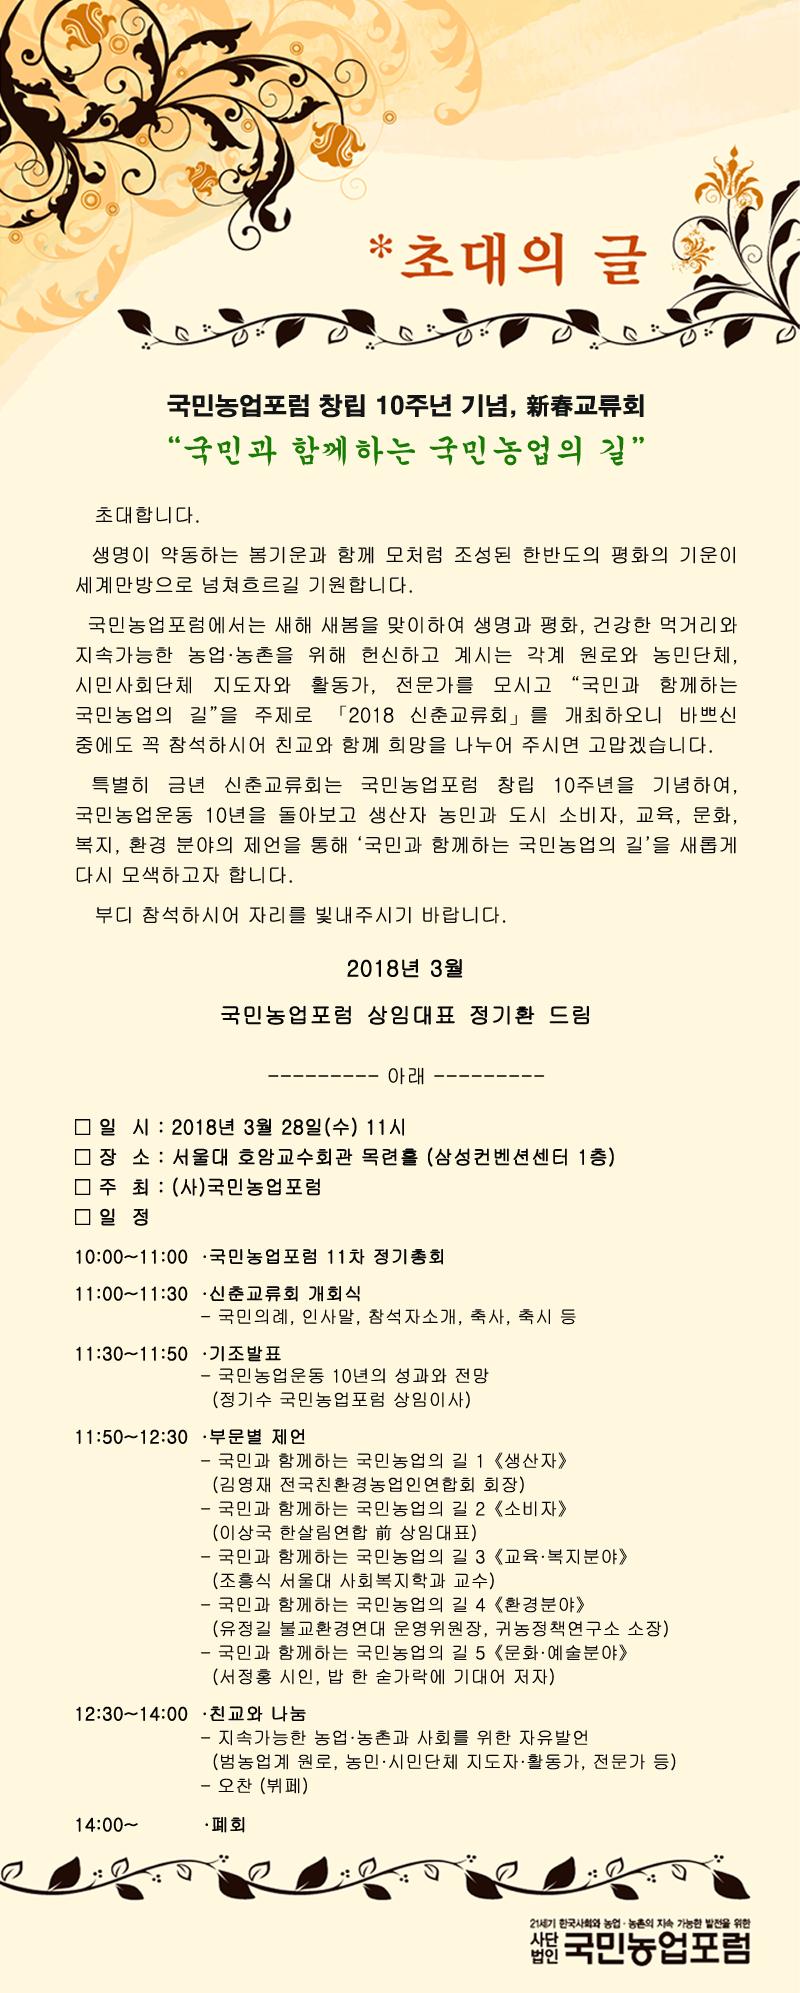 180328_신춘교류회 초대장(웹).jpg